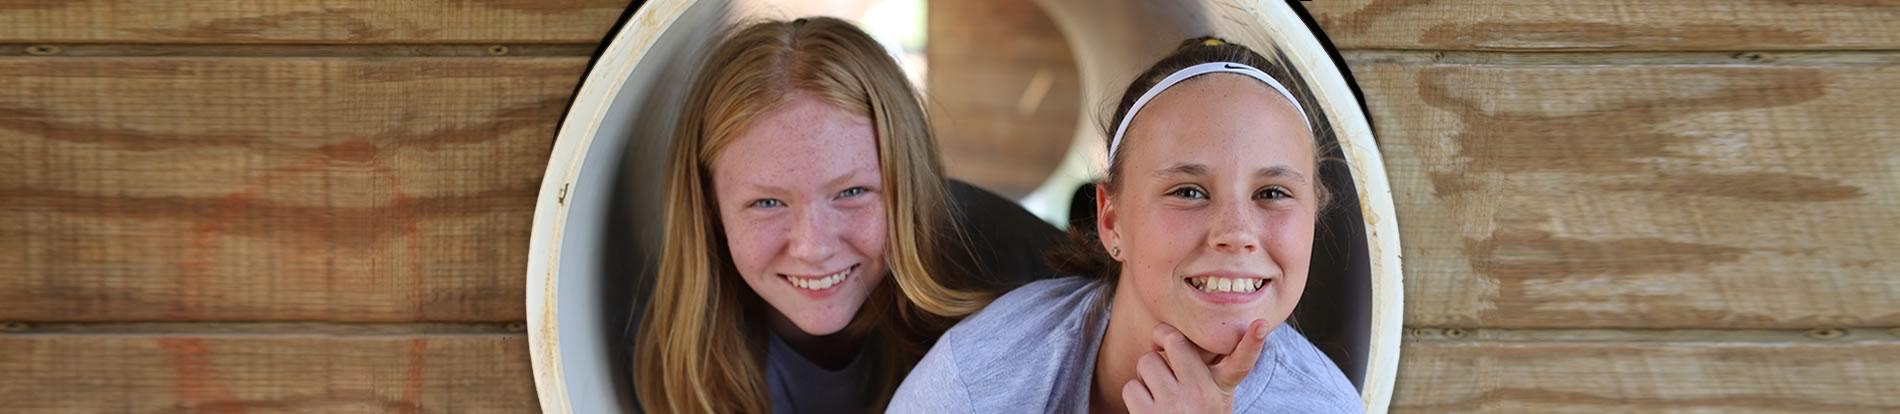 two girls at playground